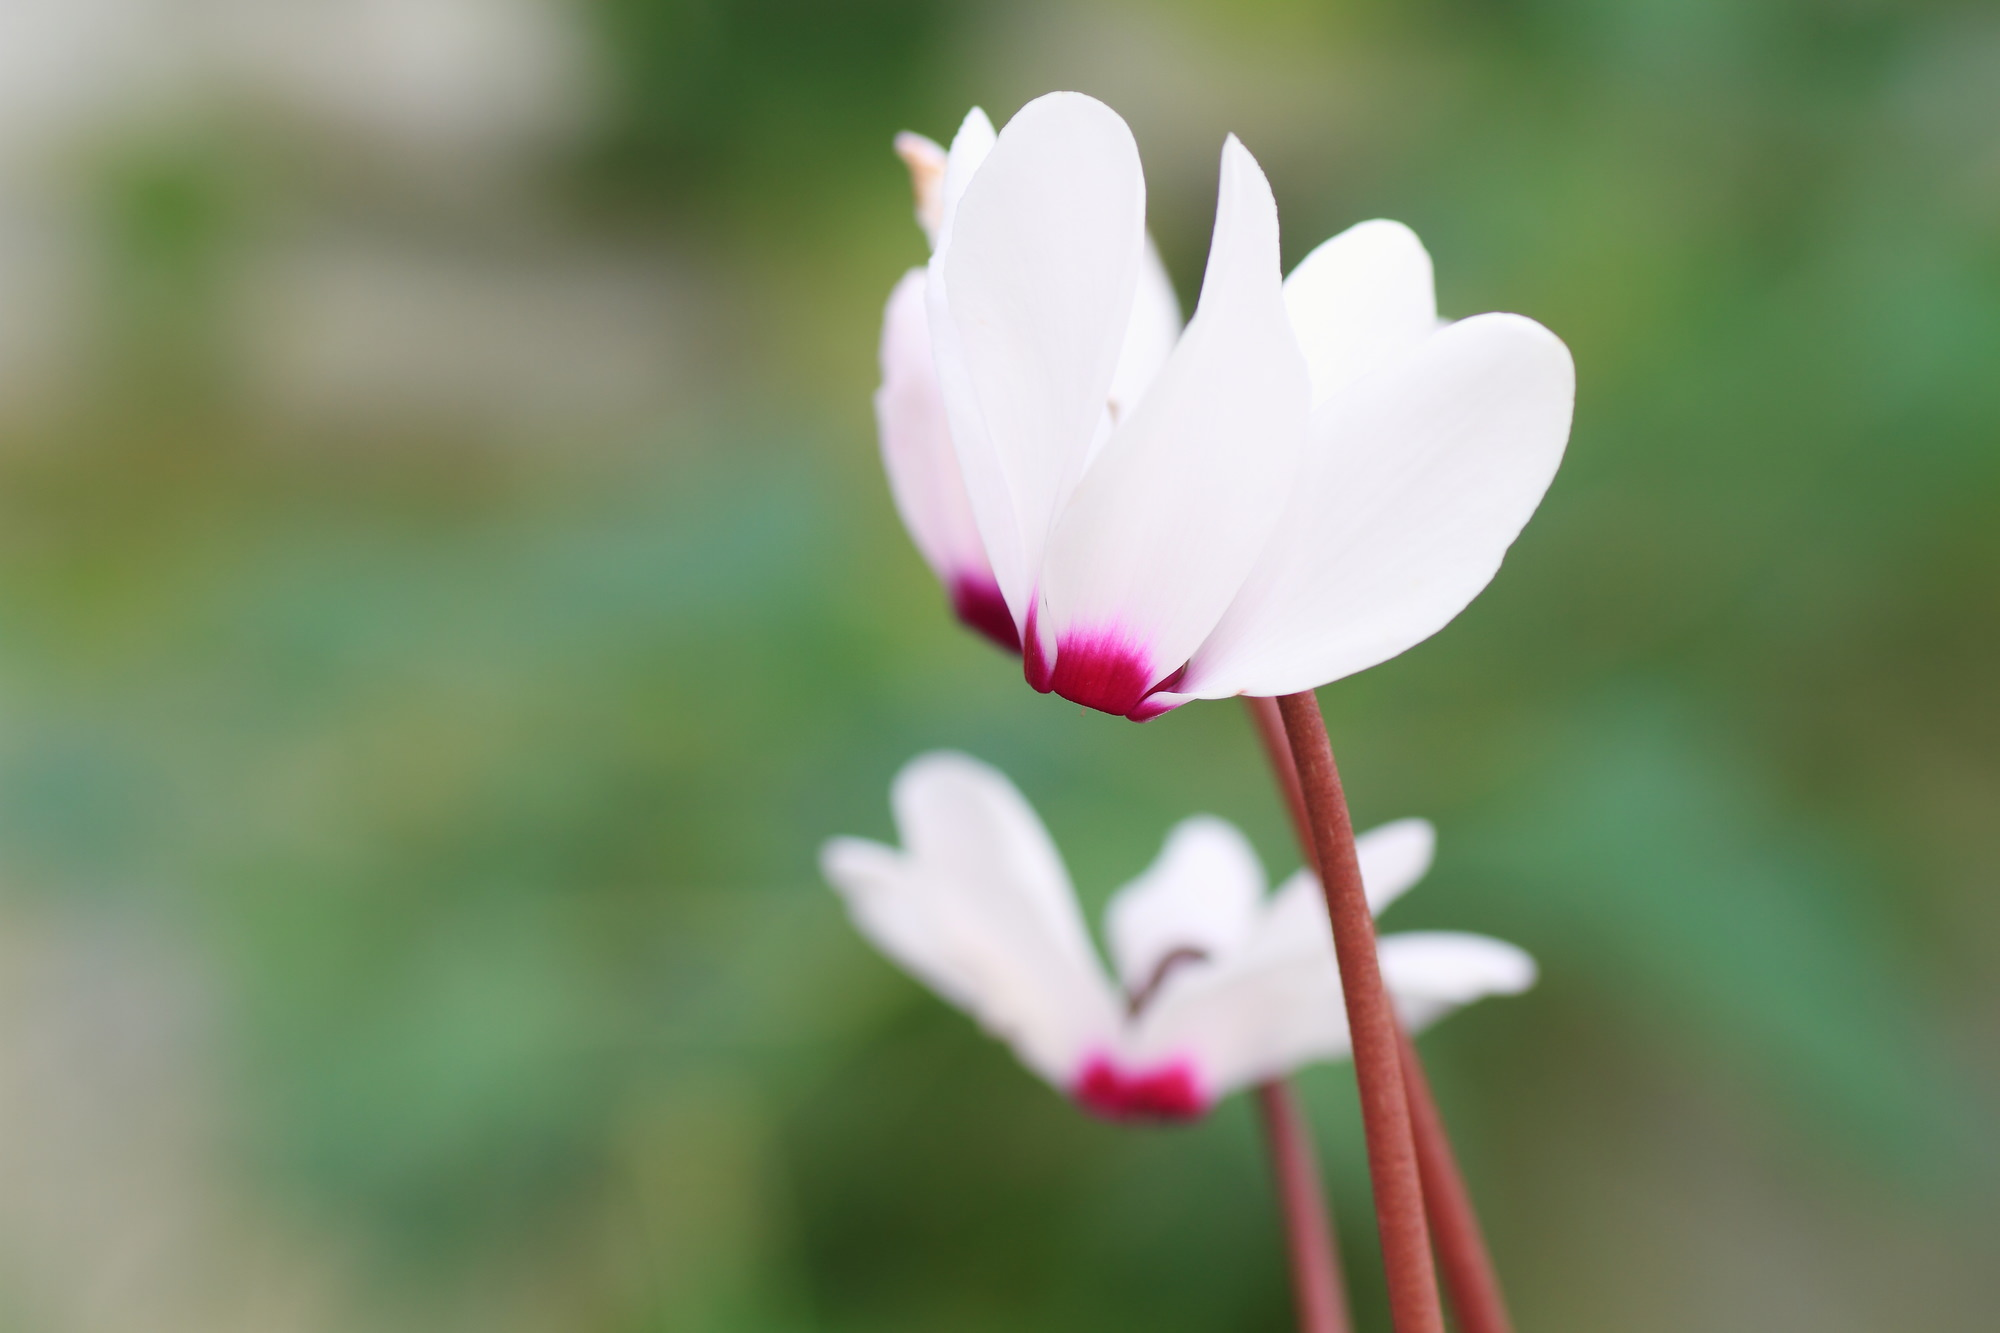 シクラメンは、内向的な花言葉を持った花